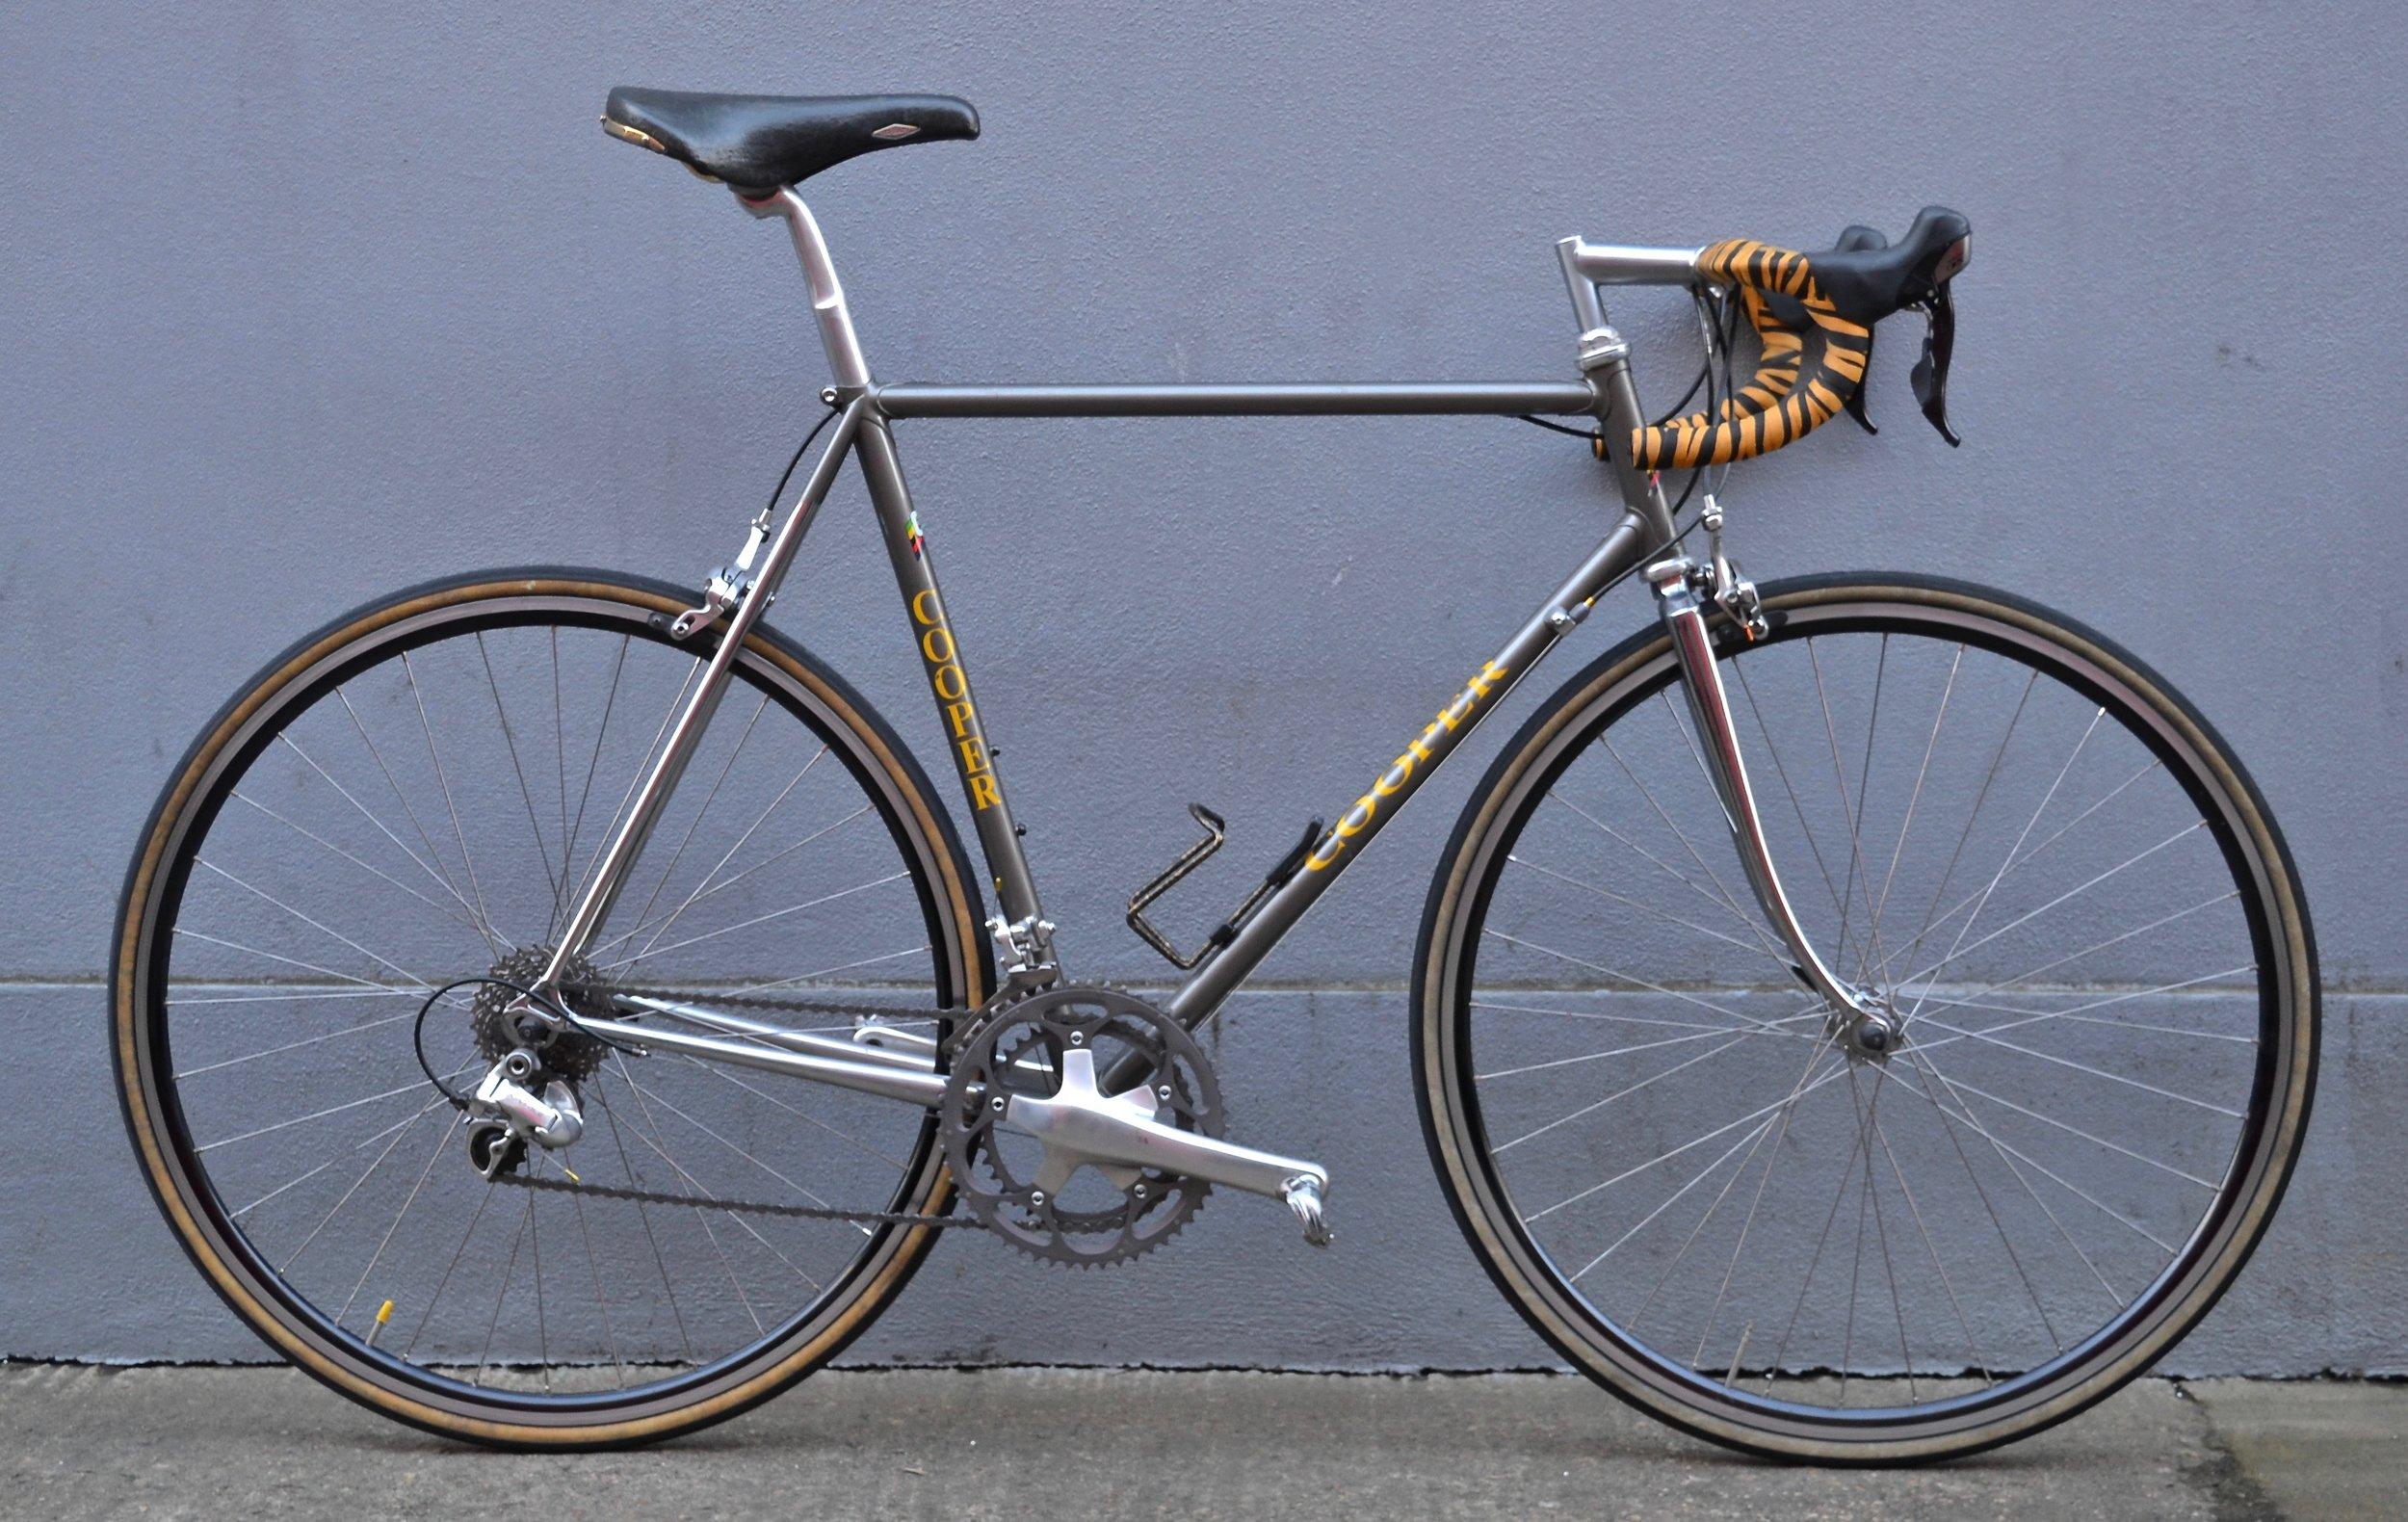 Ron_Cooper_Columbus_SLX_56cm_Frame_Road_bike_Big_Fun_Cycle_repair.jpg